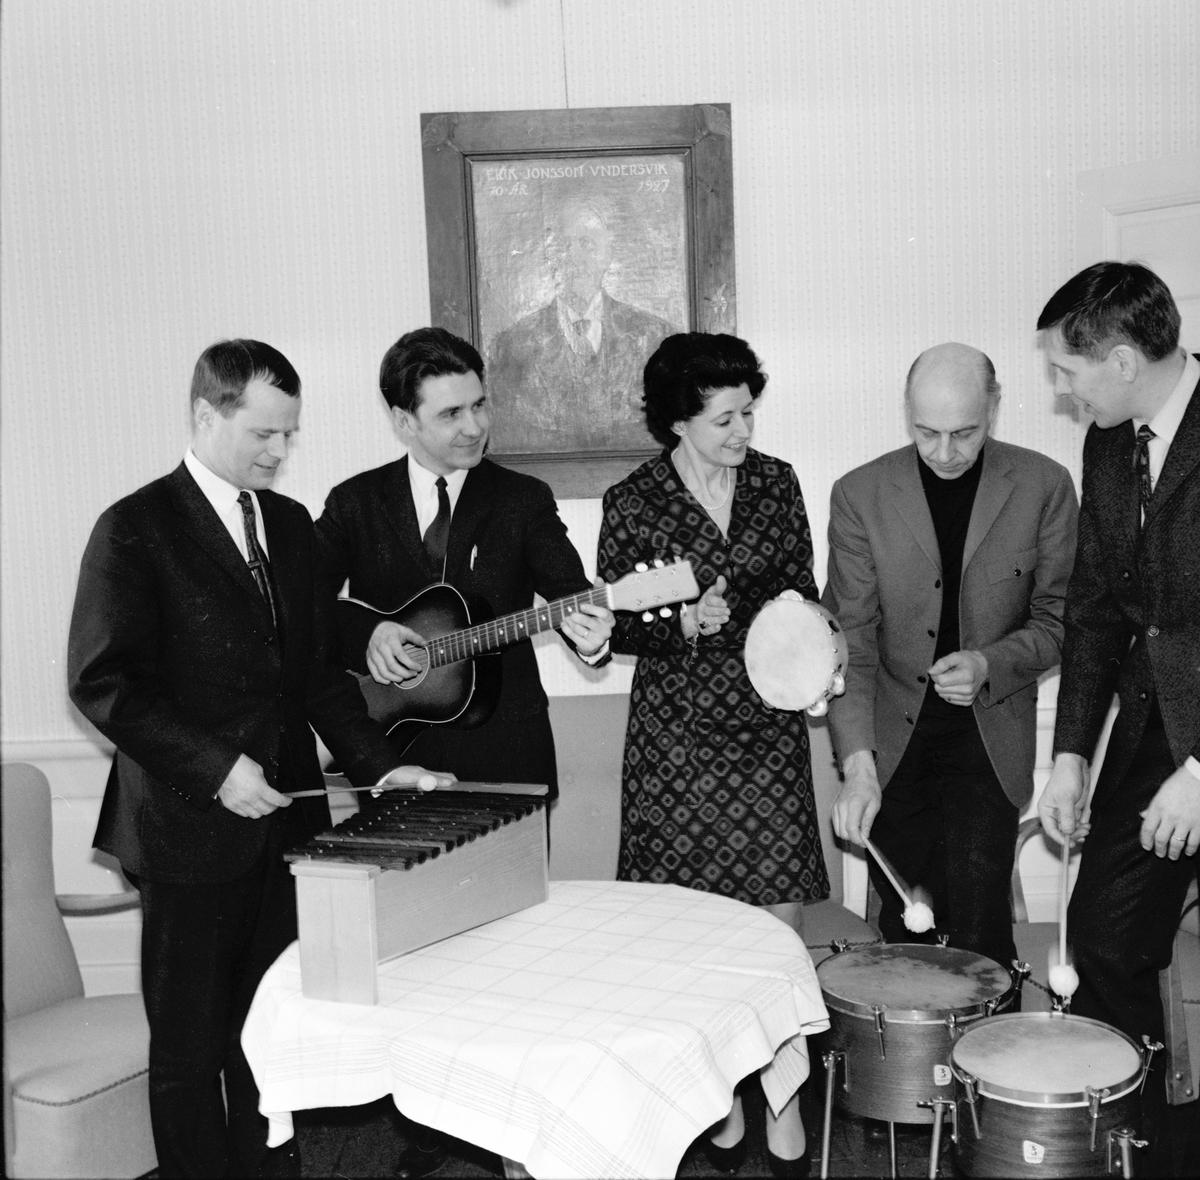 Undersvik, Stiftsgården musikled.konf. Jan 1969